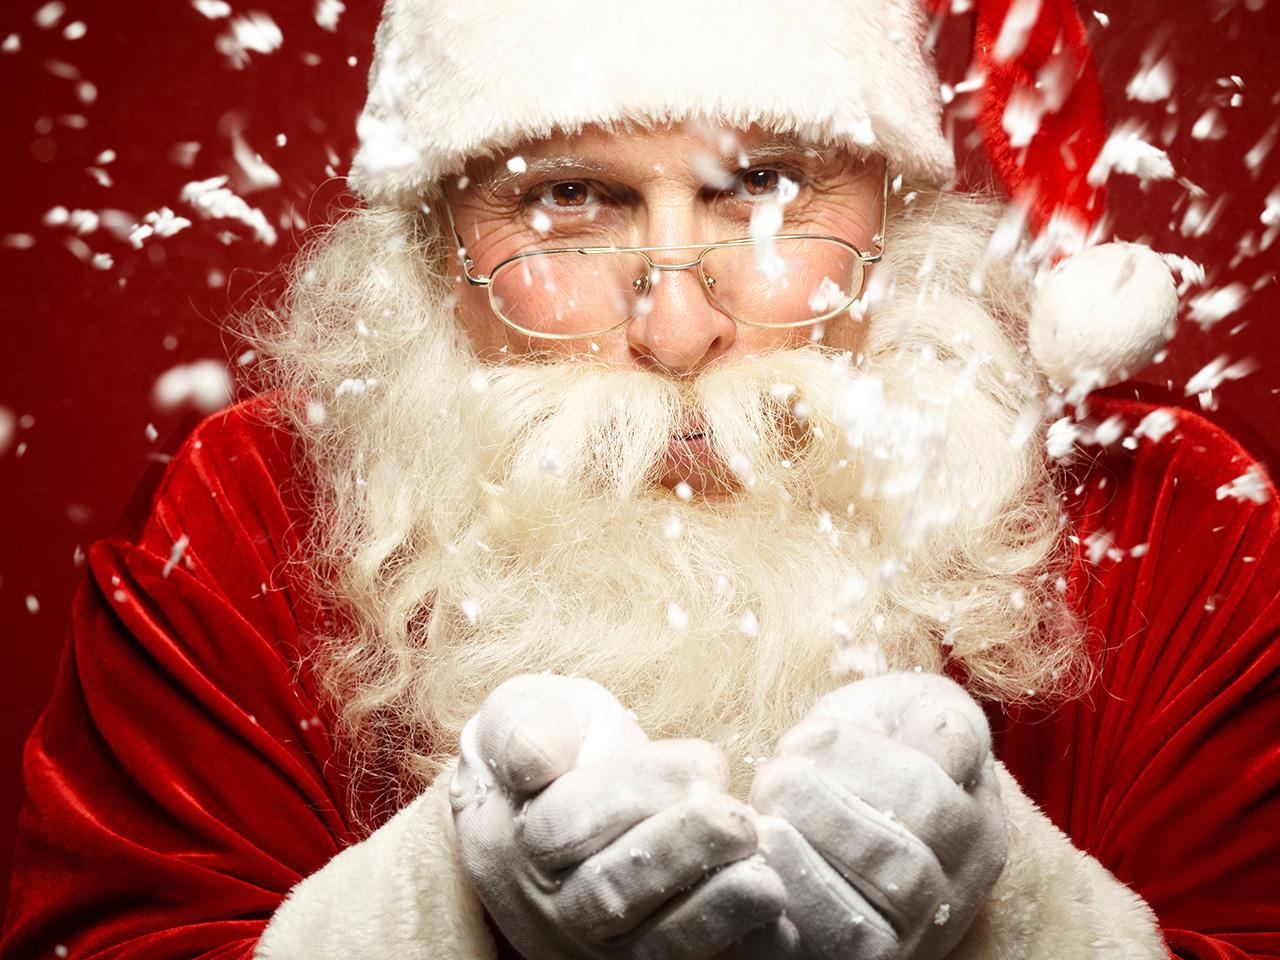 Listopedia: The Christmas Food Bucket List